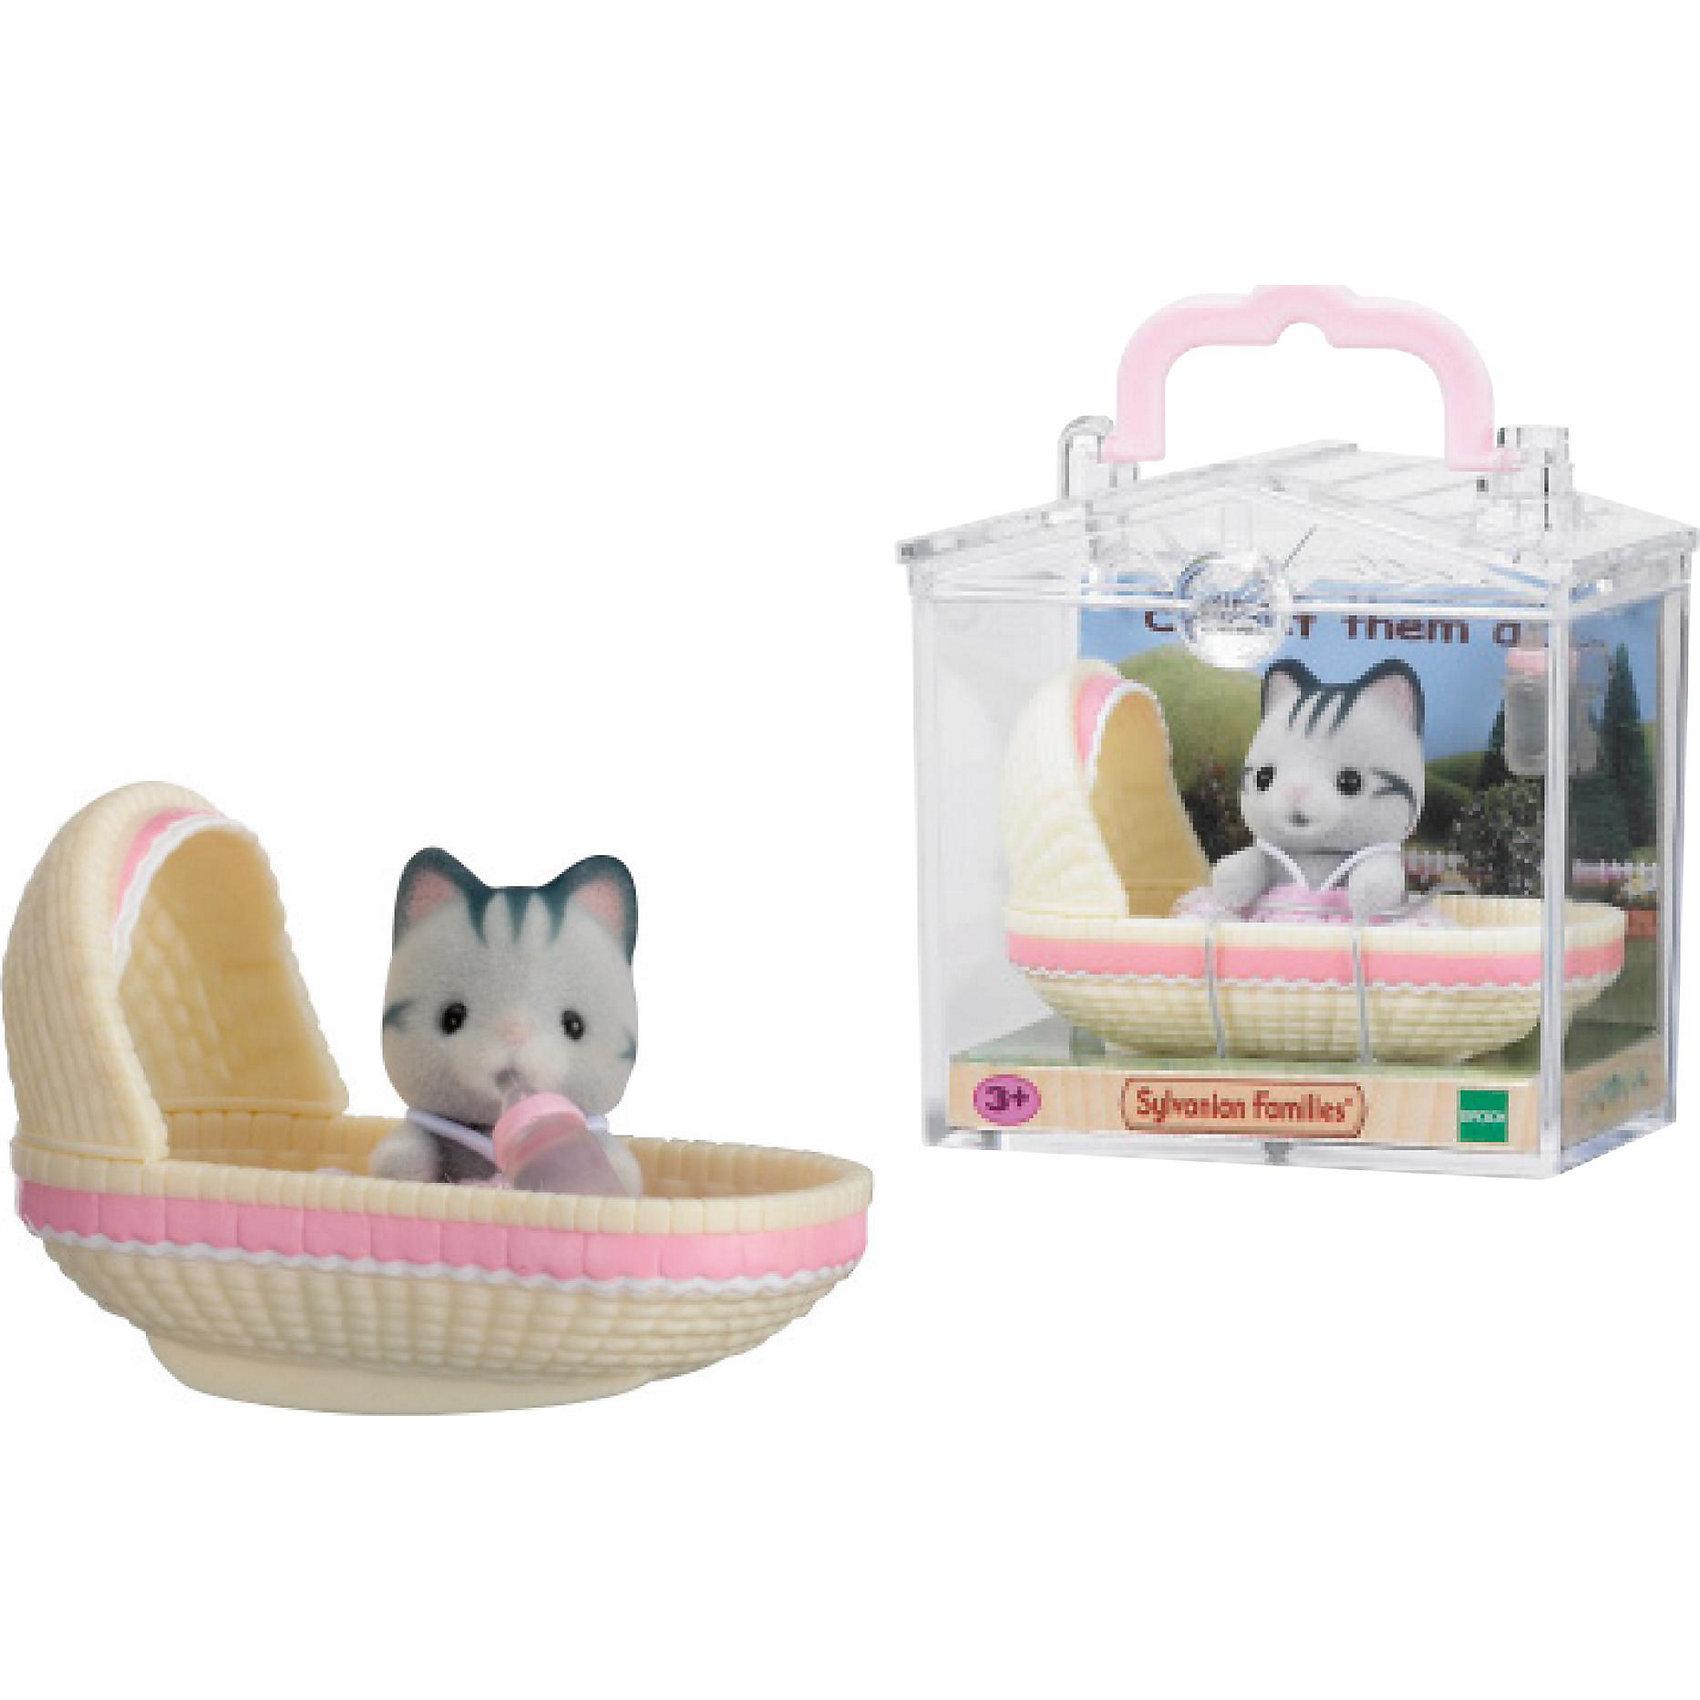 Набор Младенец в пластиковом сундучке (котенок в люльке), Sylvanian FamiliesSylvanian Families (Сильваниан Фэмилис) - целый мир, в котором живут маленькие милые зверята -  кролики, белки, медведи, лисы и многие другие. У каждого из них есть дом. Познакомься с малышом-котенком он еще совсем маленький и так нуждается в твоей помощи и заботе, уложи его спать в уютную кроватку и спой колыбельную. Игрушка прекрасно подходит для сюжетно-ролевых игр детей, развивает социальные навыки, мелкую моторику и воображение. Все детали набора выполнены их высококачественных, нетоксичных безопасных материалов. <br><br>Дополнительная информация:<br><br>- Комплектация: малыш- котенок, люлька.<br>- Материал: пластик, текстиль, флок.<br>- Голова и лапки поворачиваются.<br><br>Набор Младенец в пластиковом сундучке (котенок в люльке), Sylvanian Families (Сильваниан Фэмилис), можно купить в нашем магазине.<br><br>Ширина мм: 275<br>Глубина мм: 267<br>Высота мм: 512<br>Вес г: 125<br>Возраст от месяцев: 36<br>Возраст до месяцев: 72<br>Пол: Женский<br>Возраст: Детский<br>SKU: 4177963